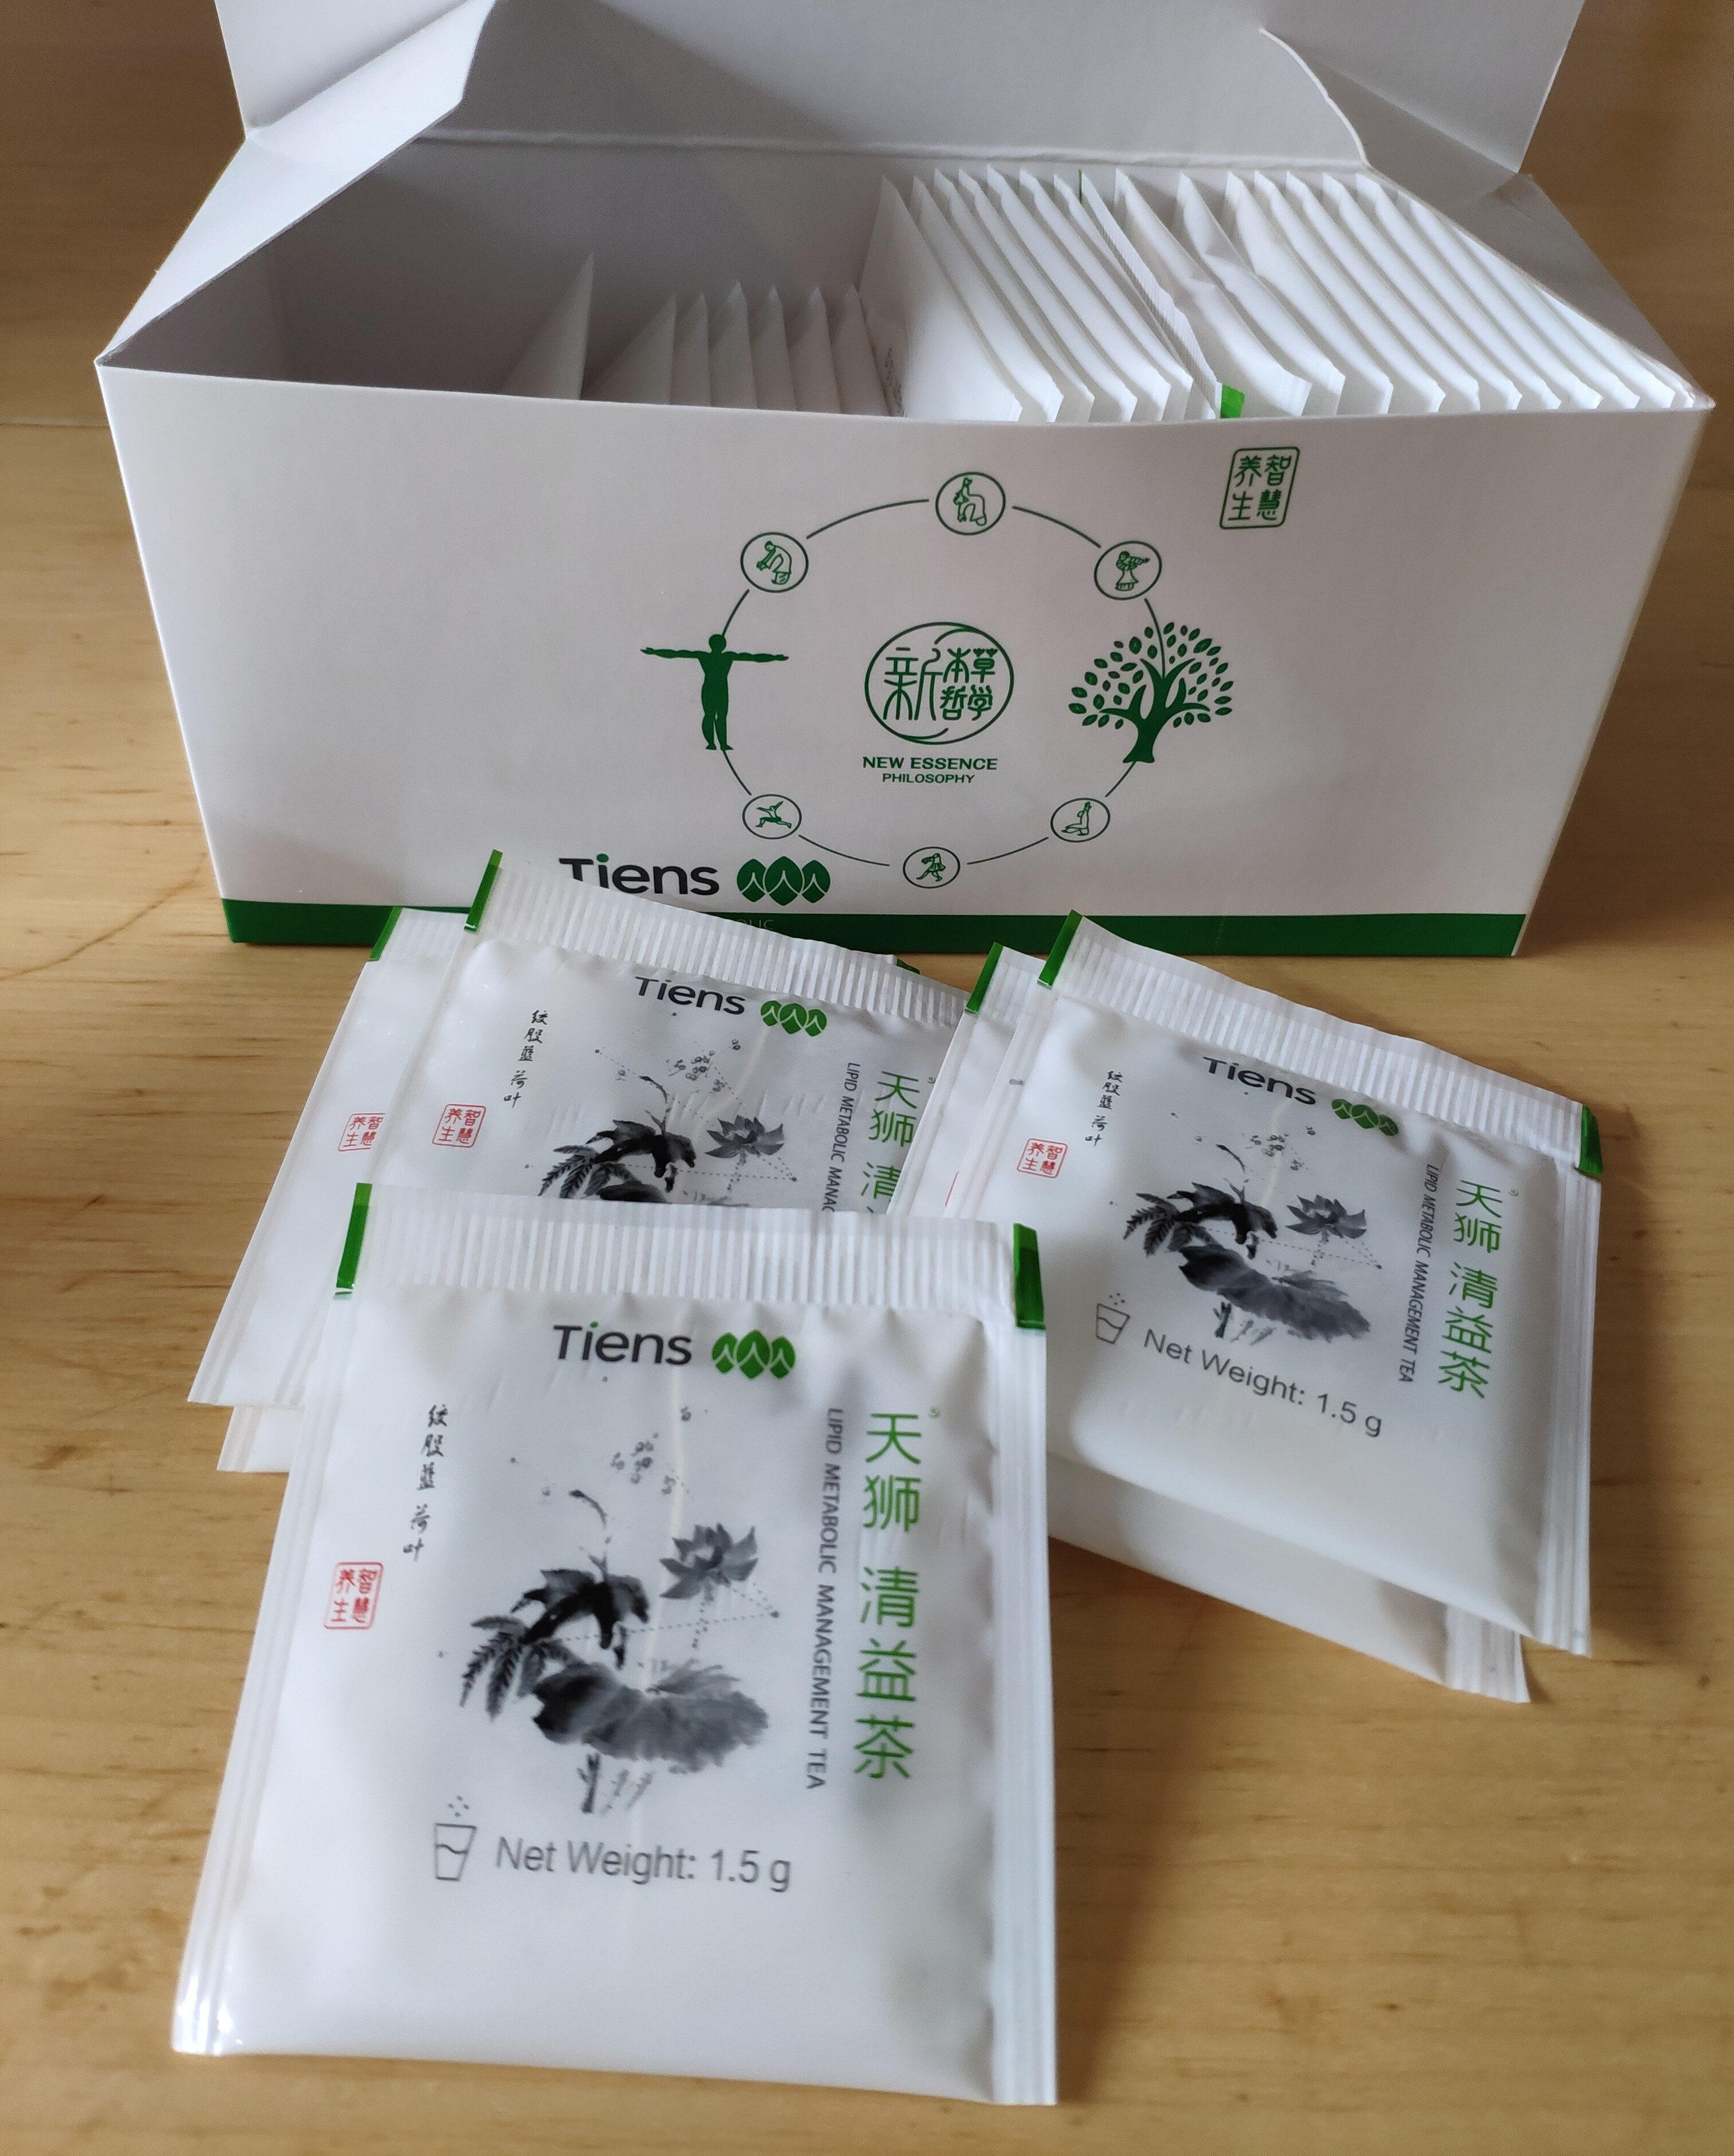 чай антилипидный / lipid metabolic management tea - 产品 - en